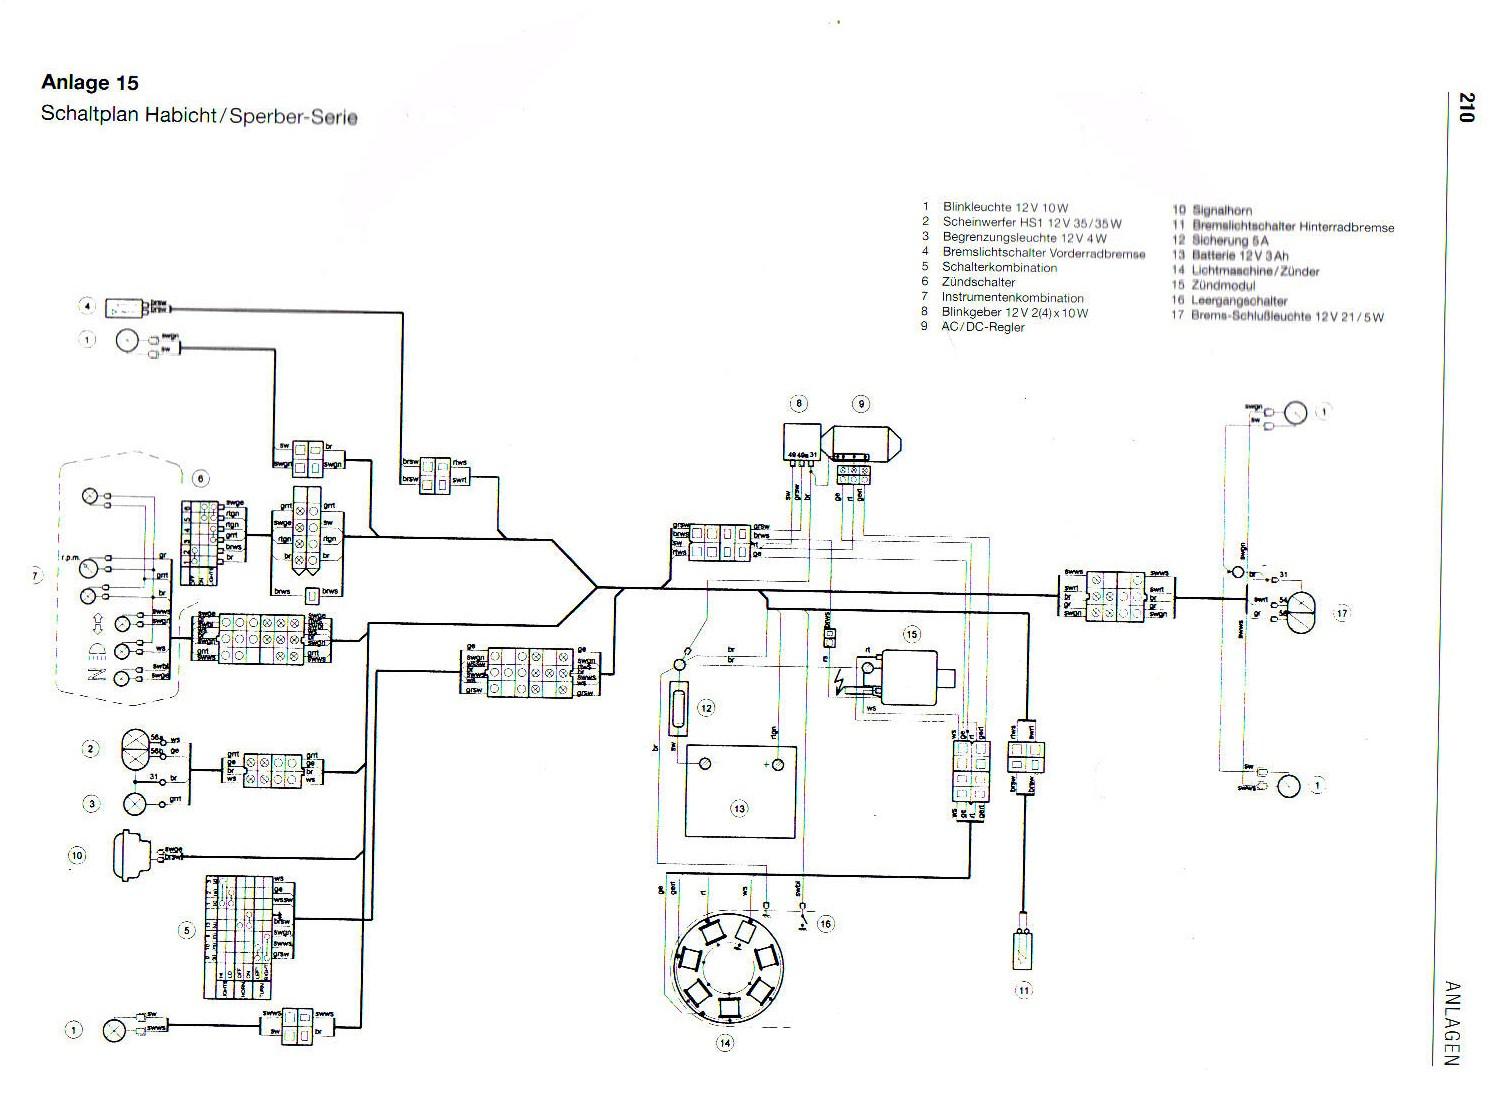 Ziemlich Gm Blinkerschalter Schaltplan Ideen - Elektrische ...